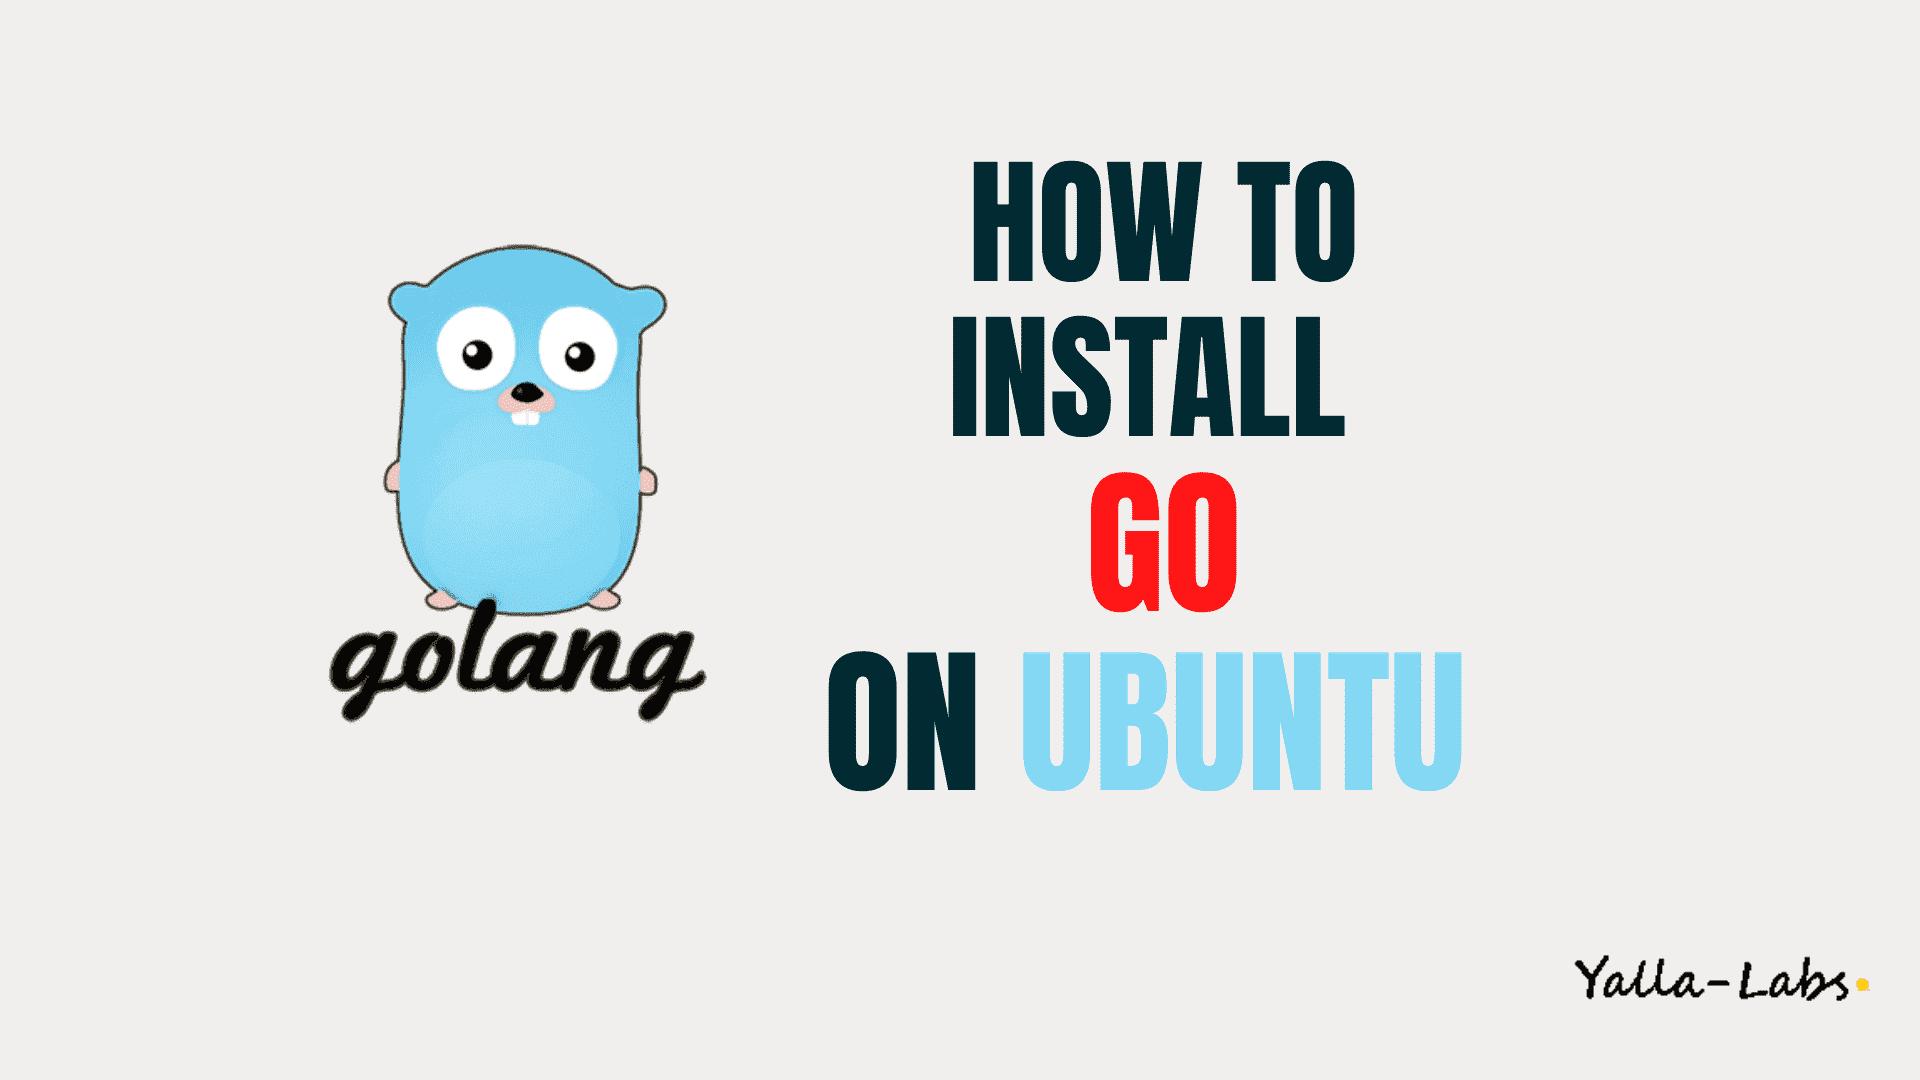 How To Install Go On Ubuntu 20 04 Lts Yallalabs